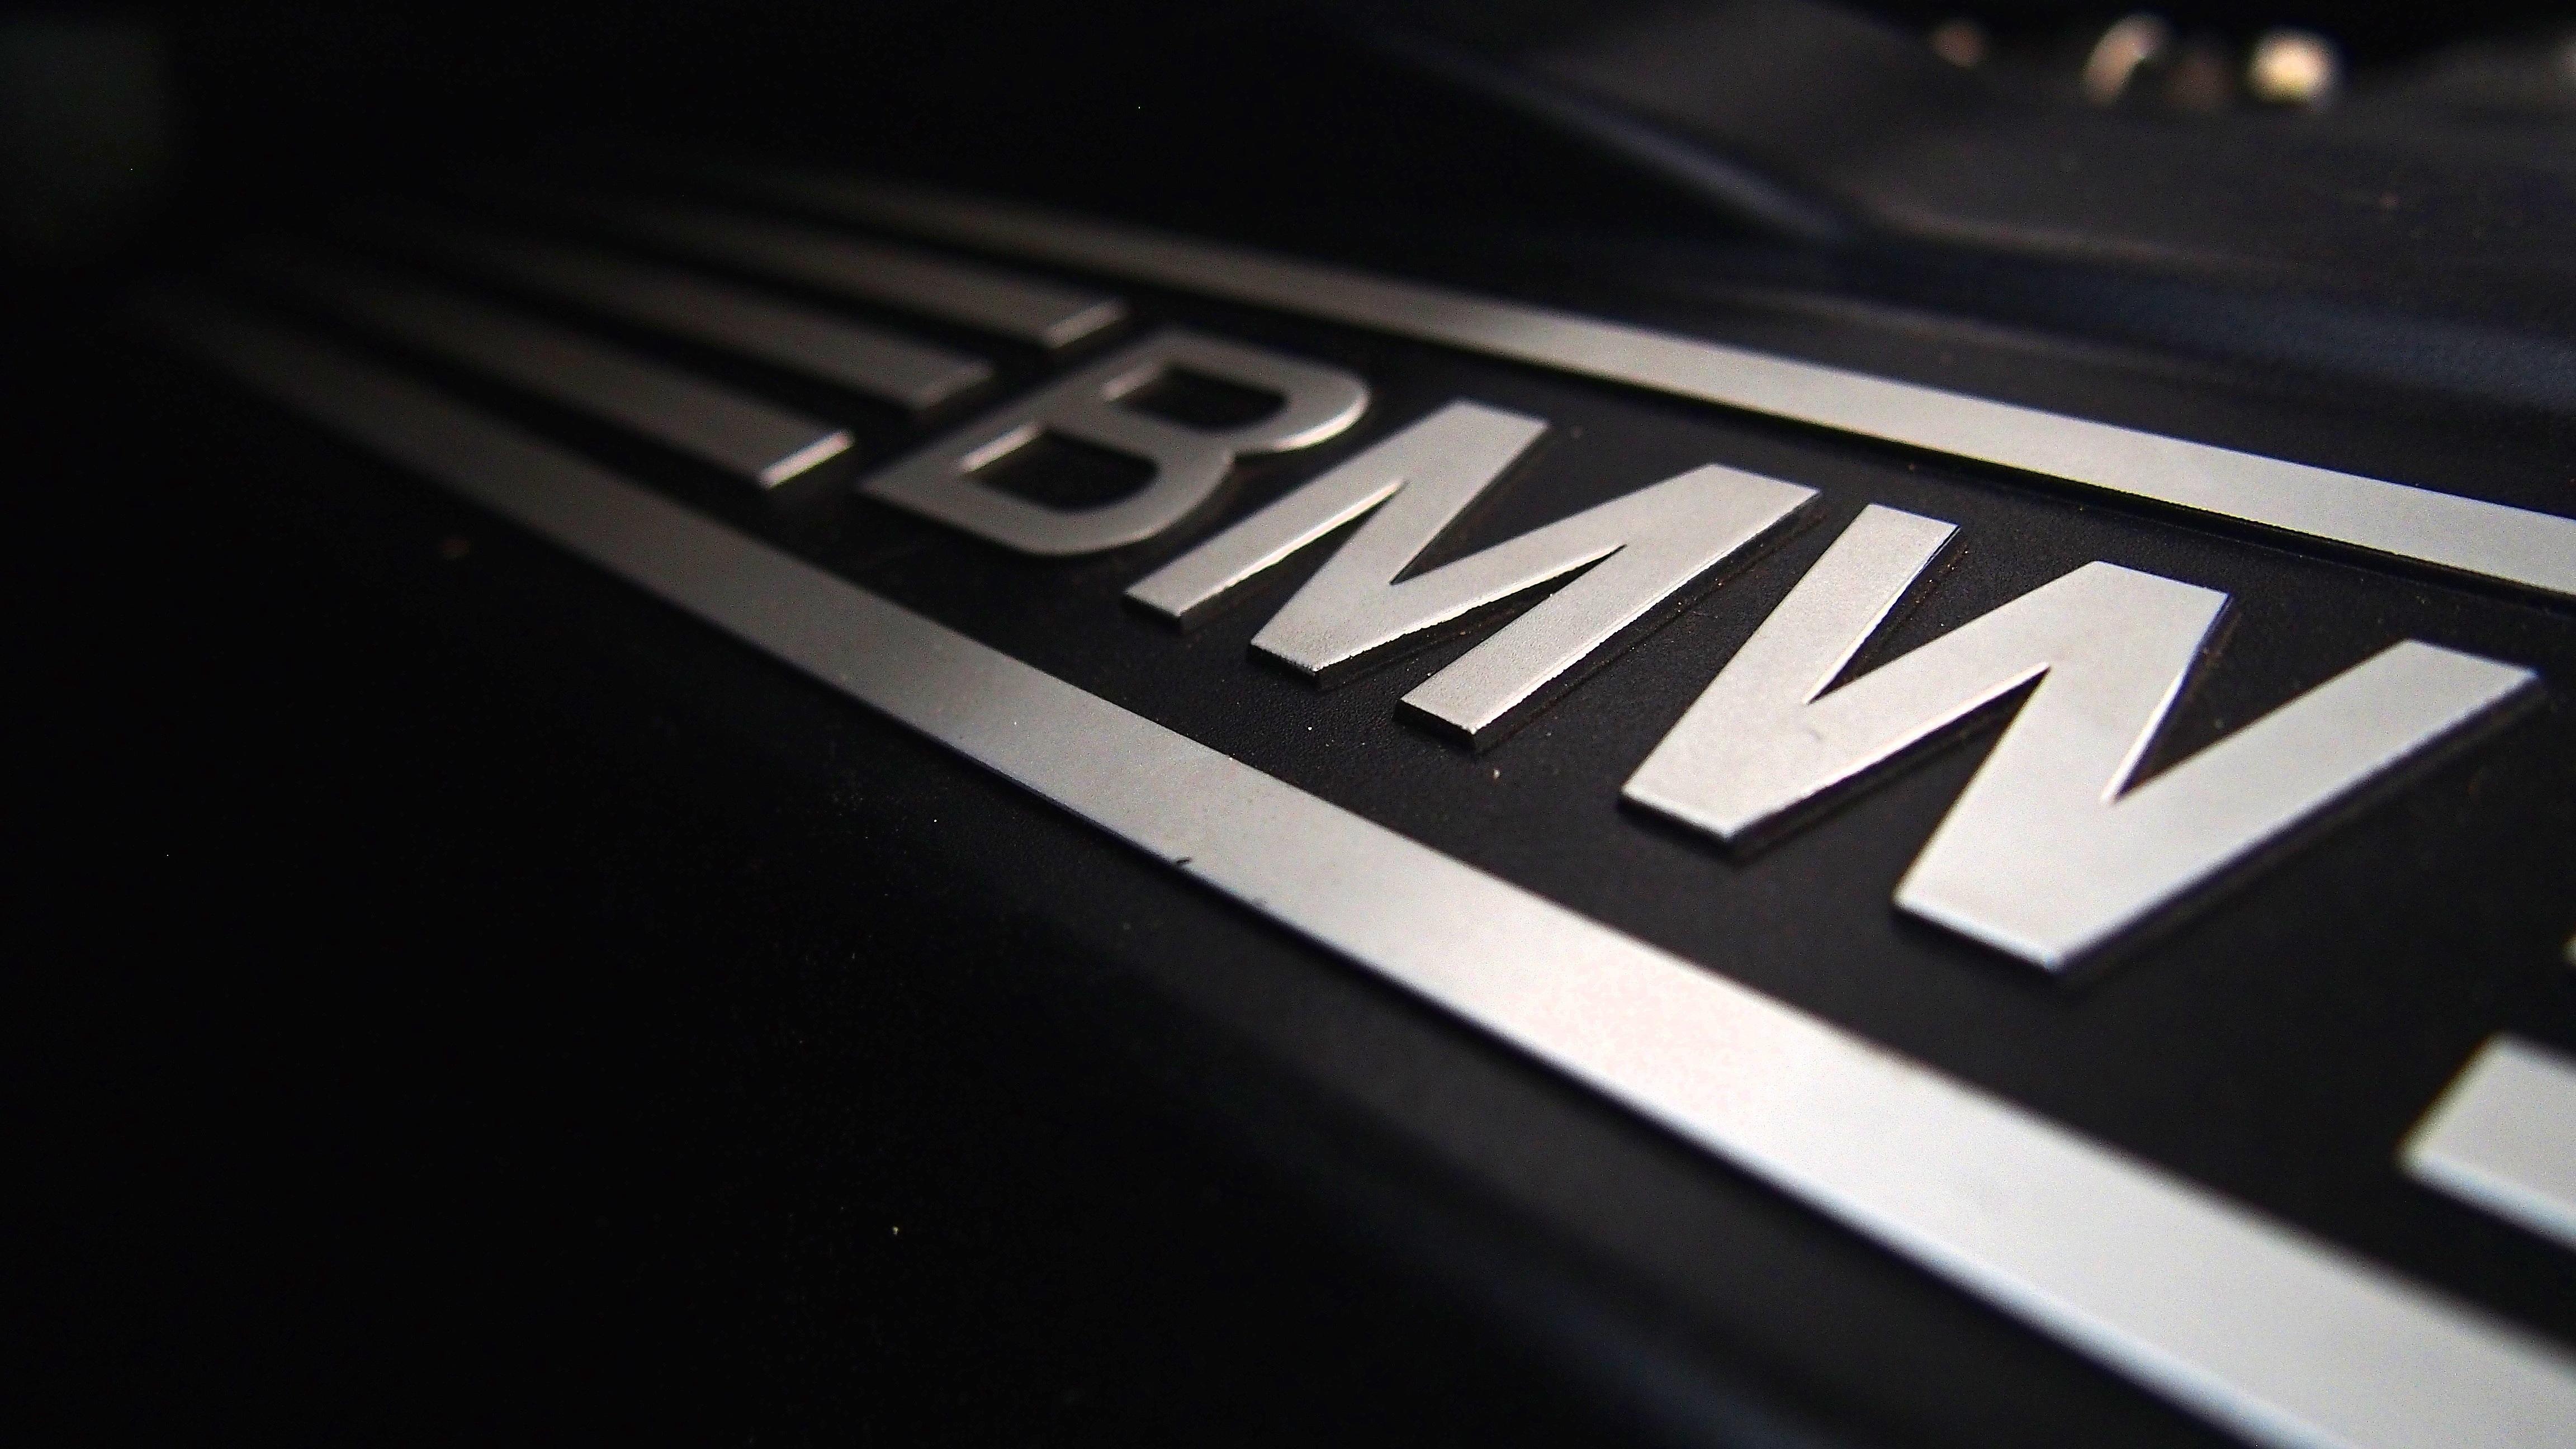 Free Images : car, wheel, number, sign, symbol, black, bumper ...